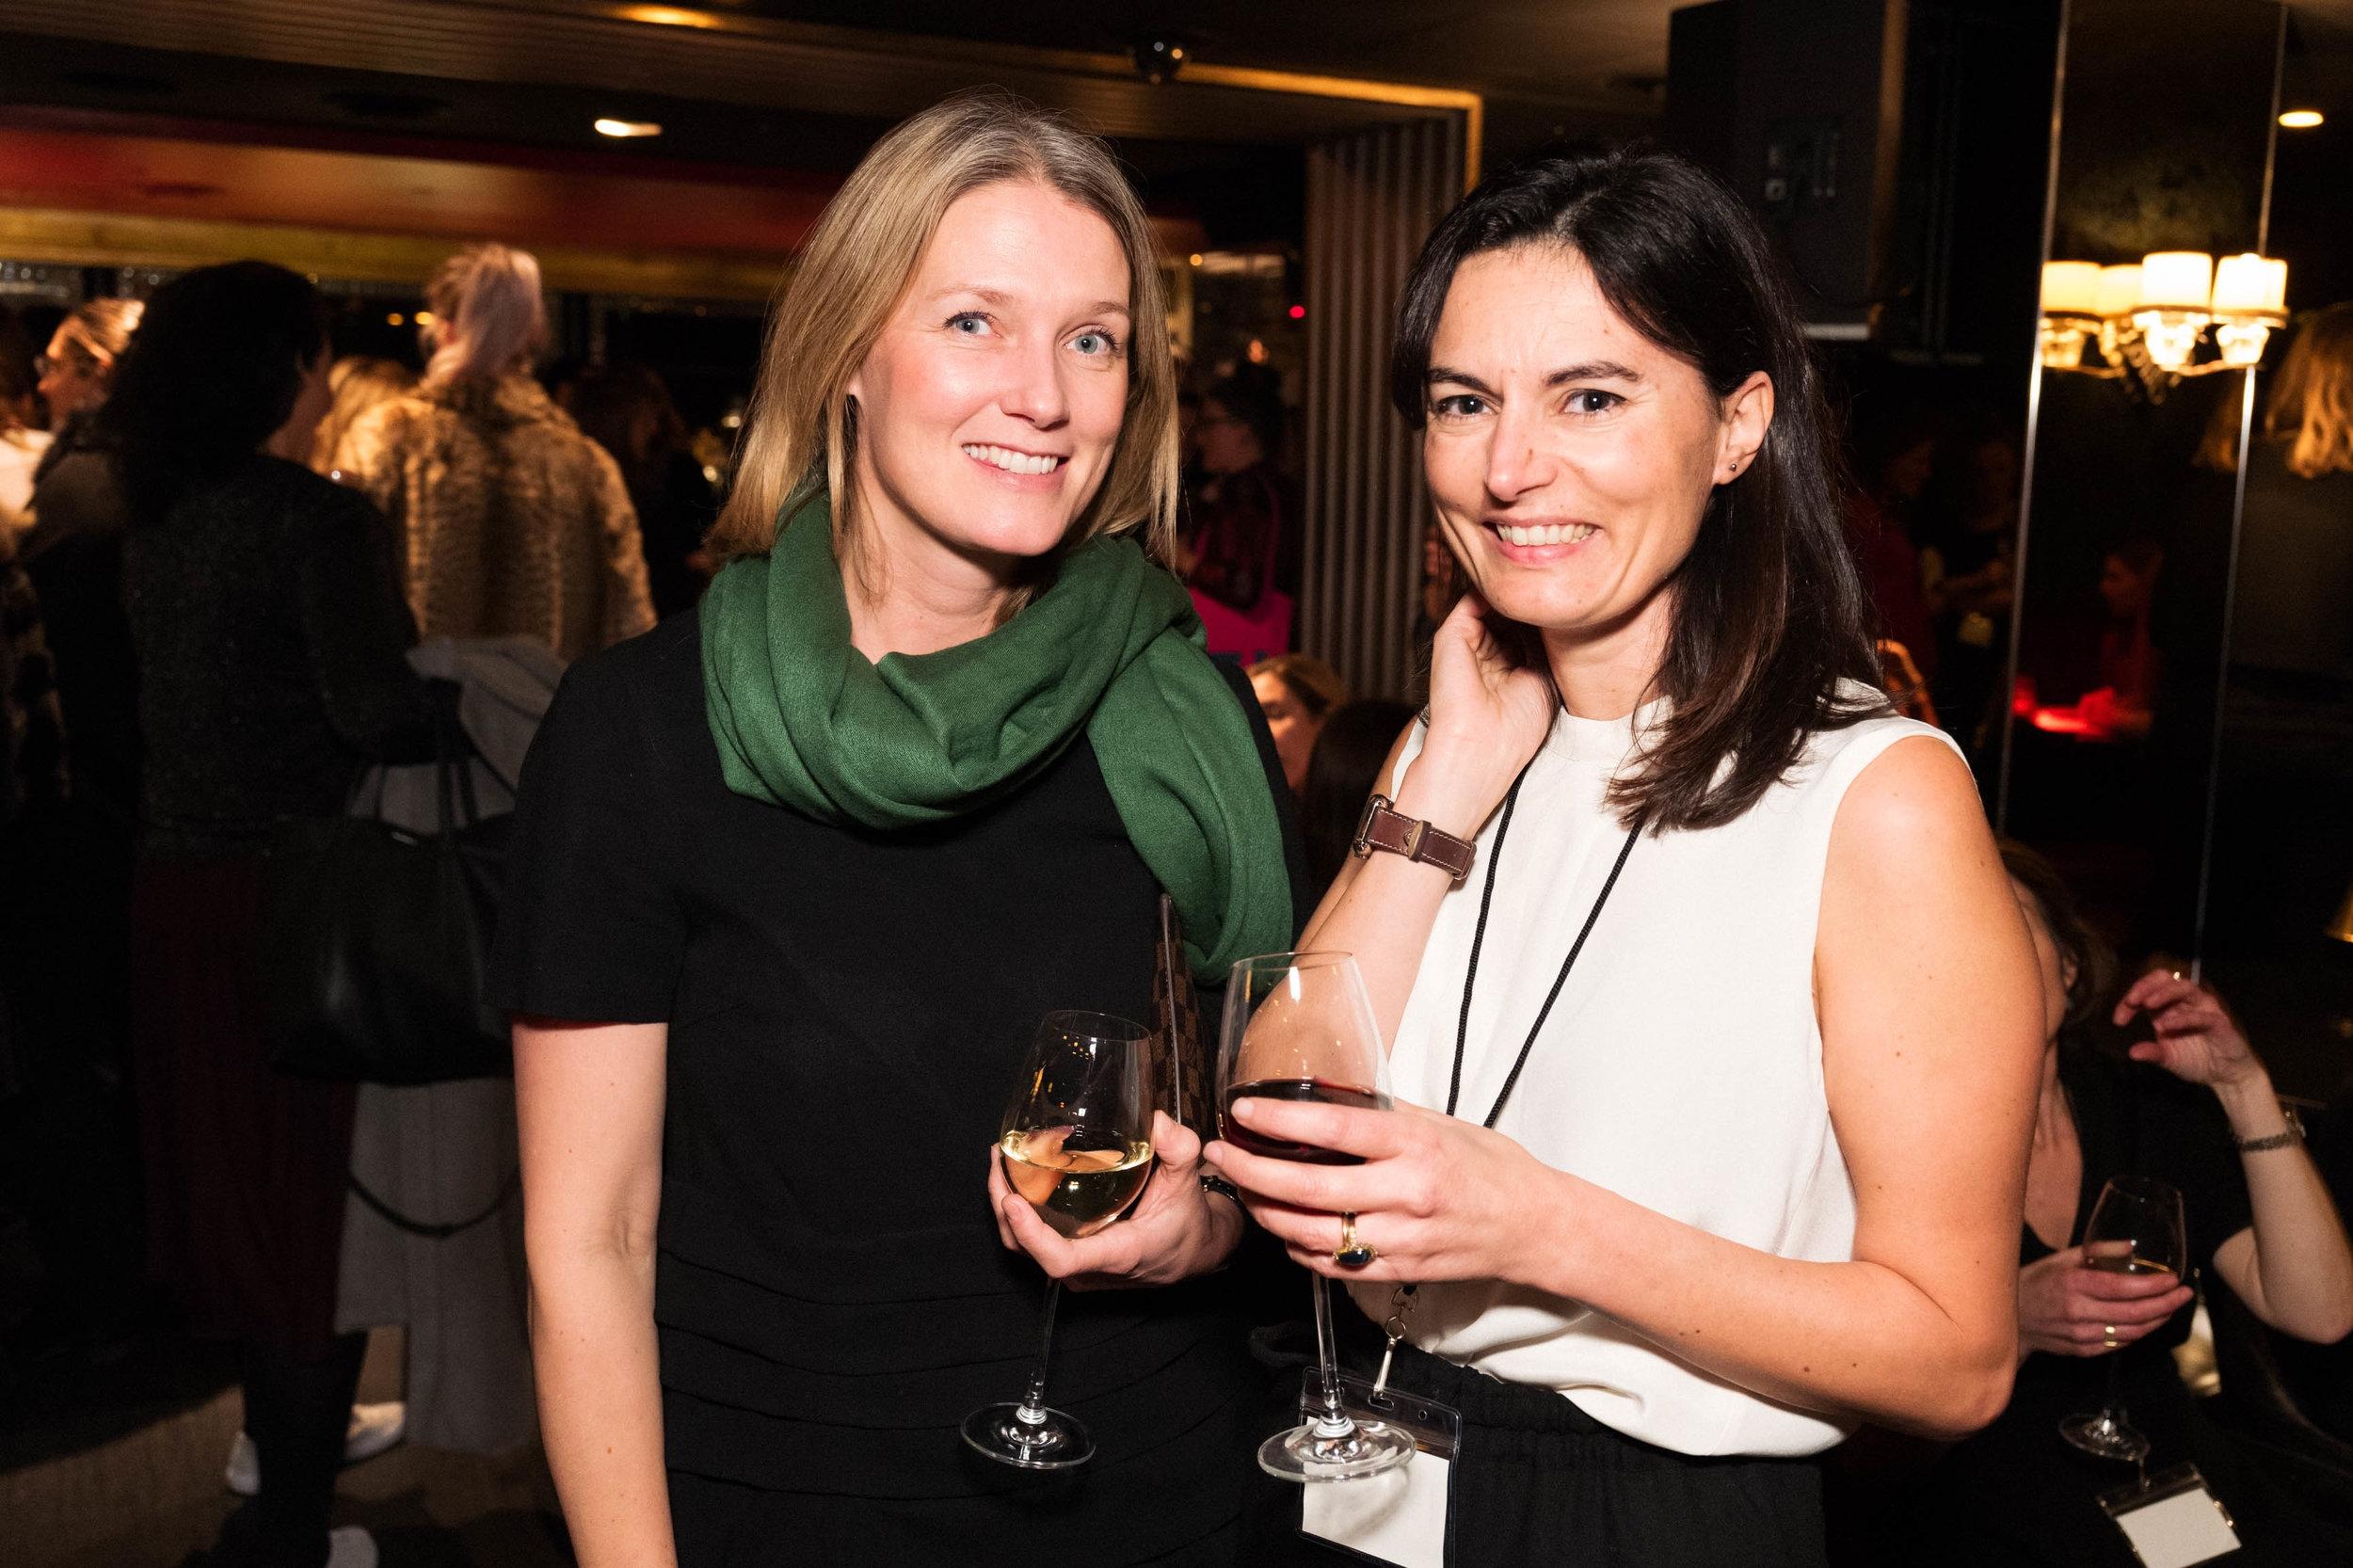 Anne Thidemann and Eleonore Dresch